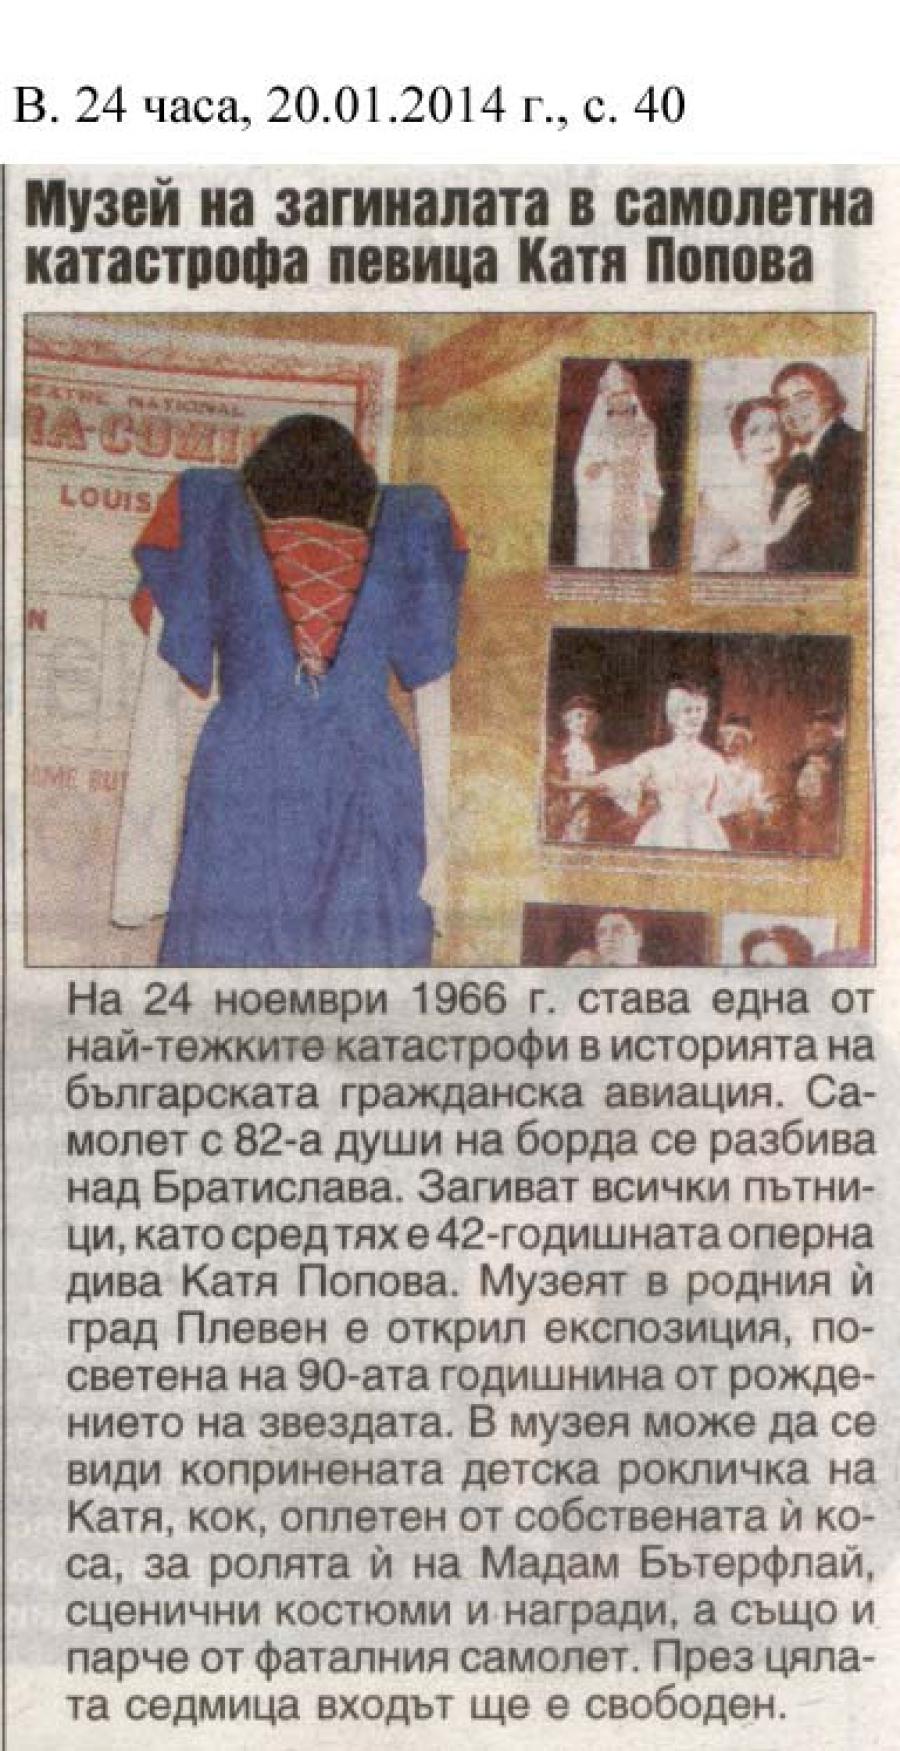 Музей на загиналата в самолетна катастрофа певица Катя Попова - 24часа,20.01.2014